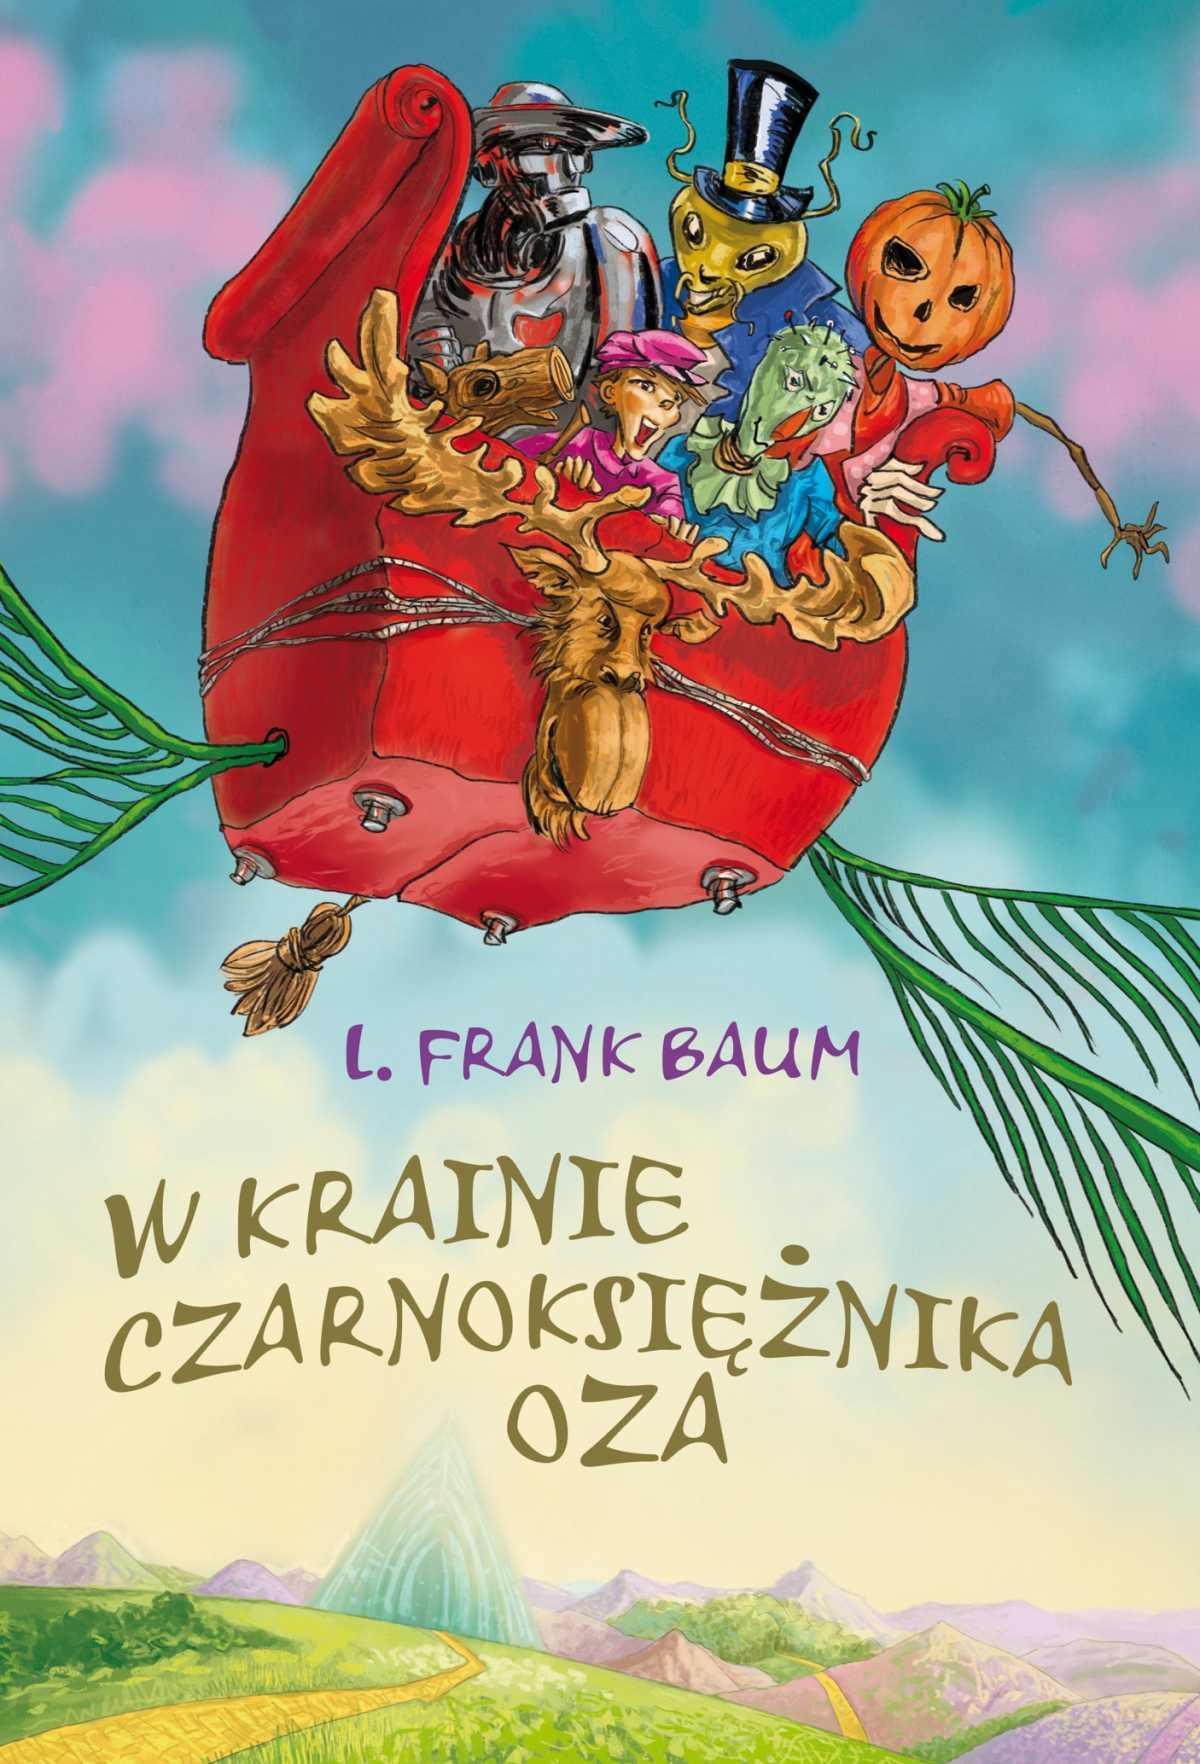 W krainie Czarnoksiężnika Oza - Ebook (Książka EPUB) do pobrania w formacie EPUB